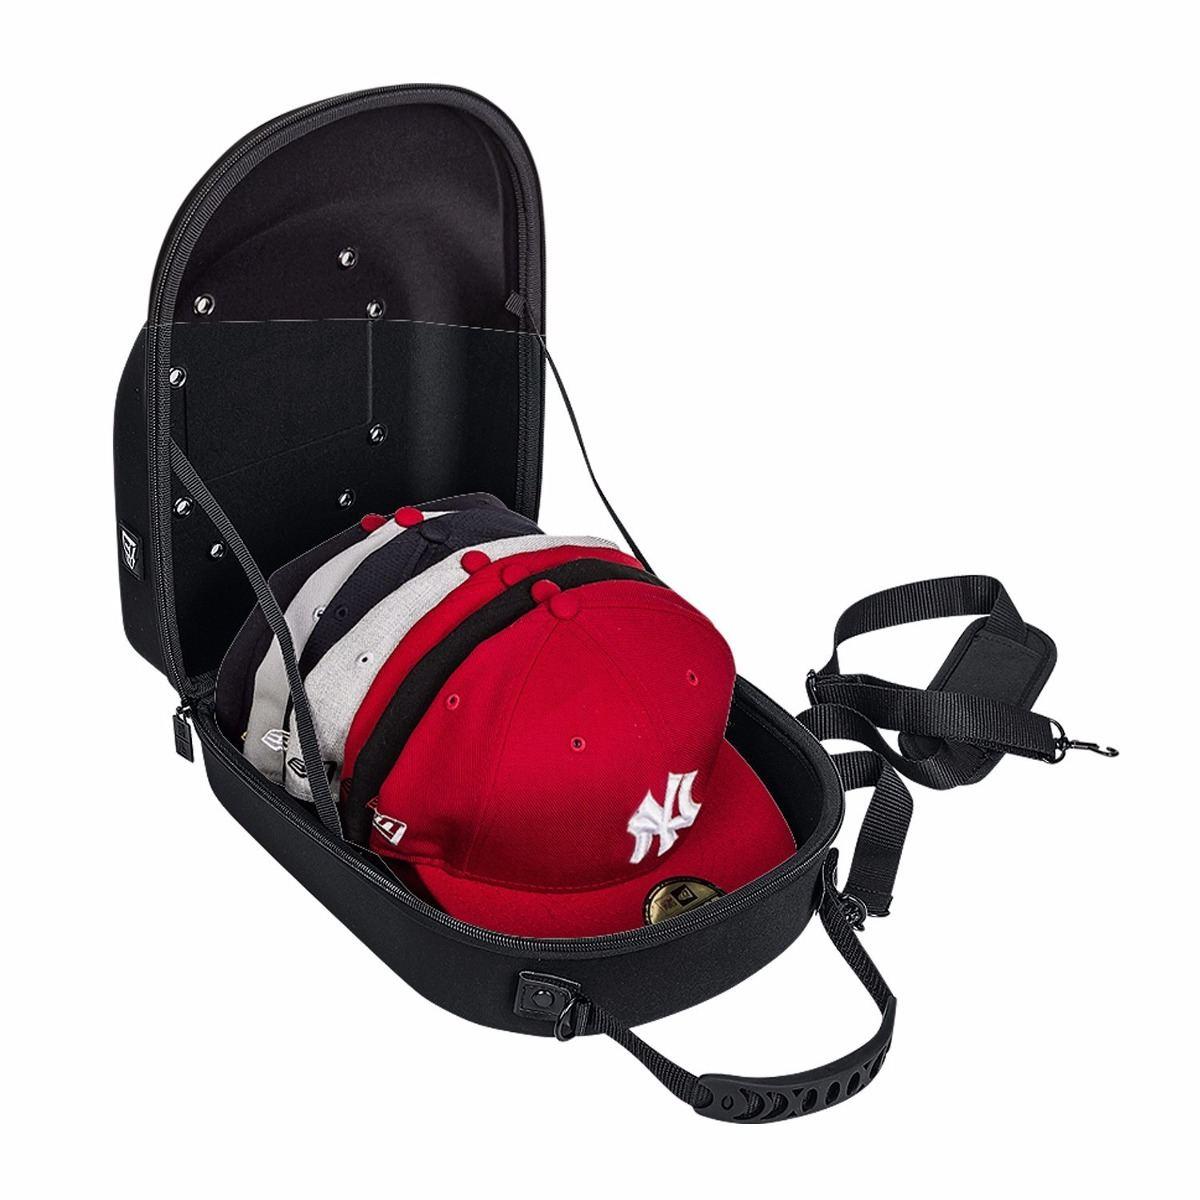 Una mochila especialmente diseñada para conservar gorras bordadas.